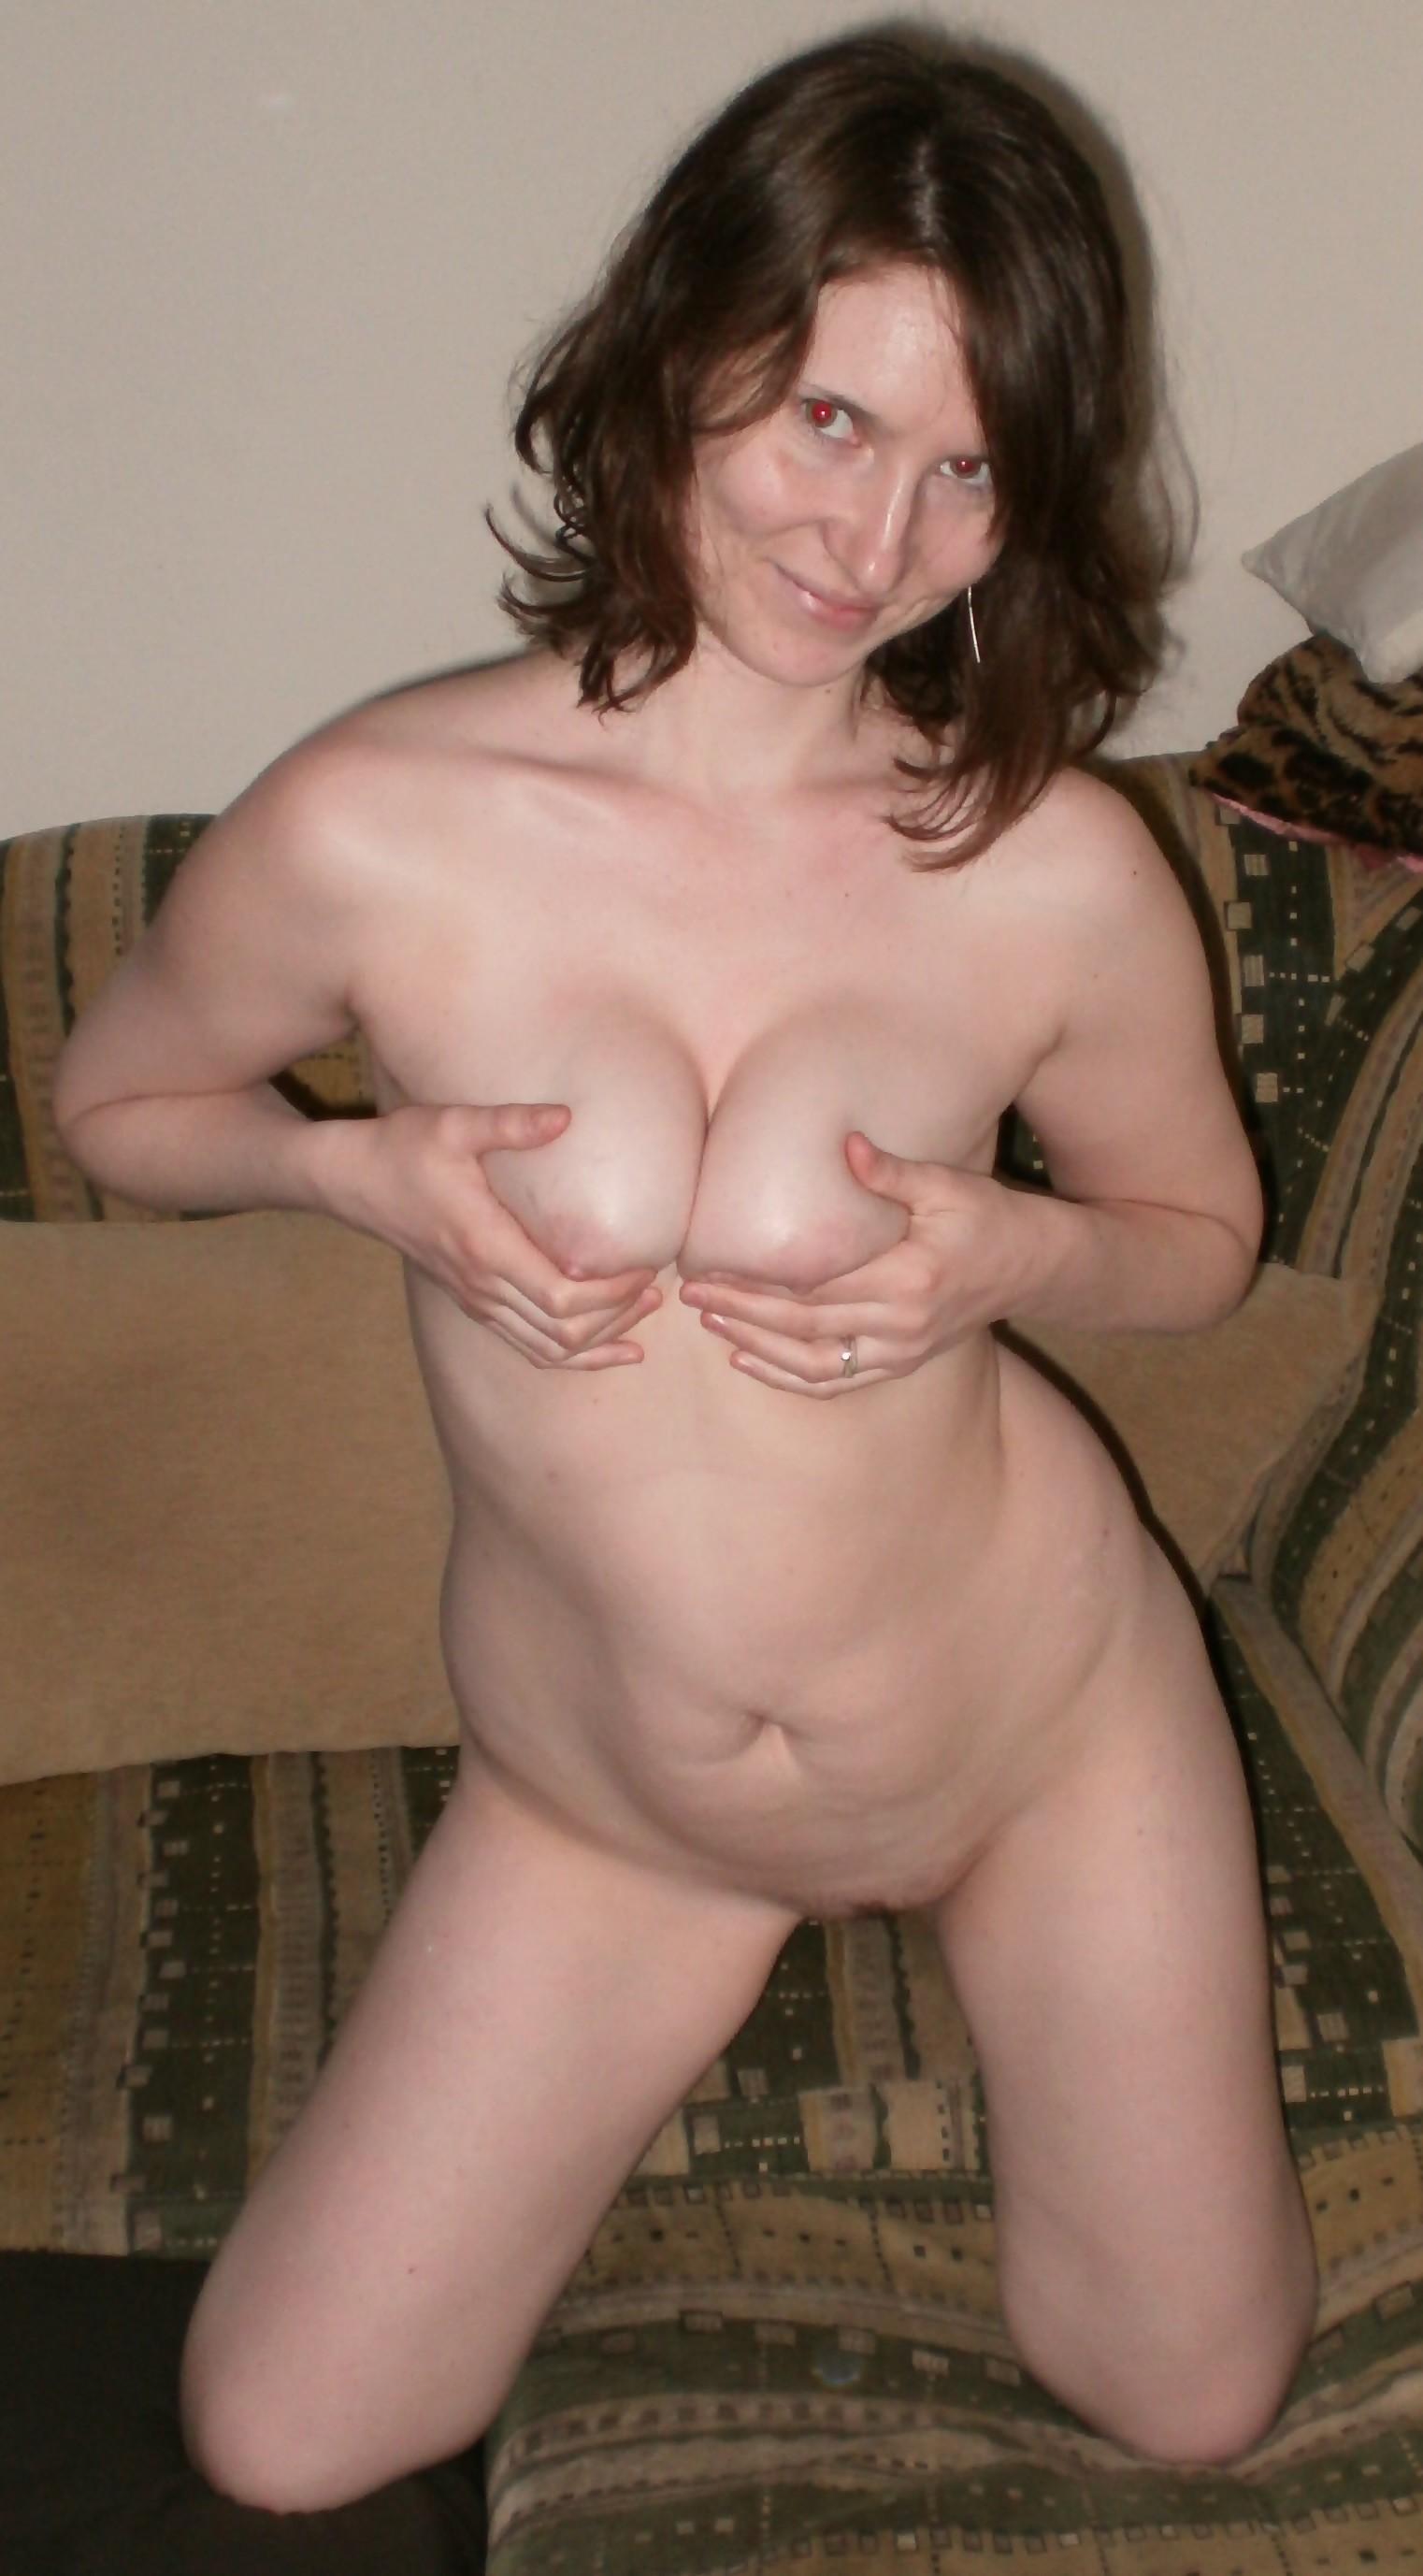 Женщина соглашается на домашнюю фотосессию, в которой она смело остаётся без одежды